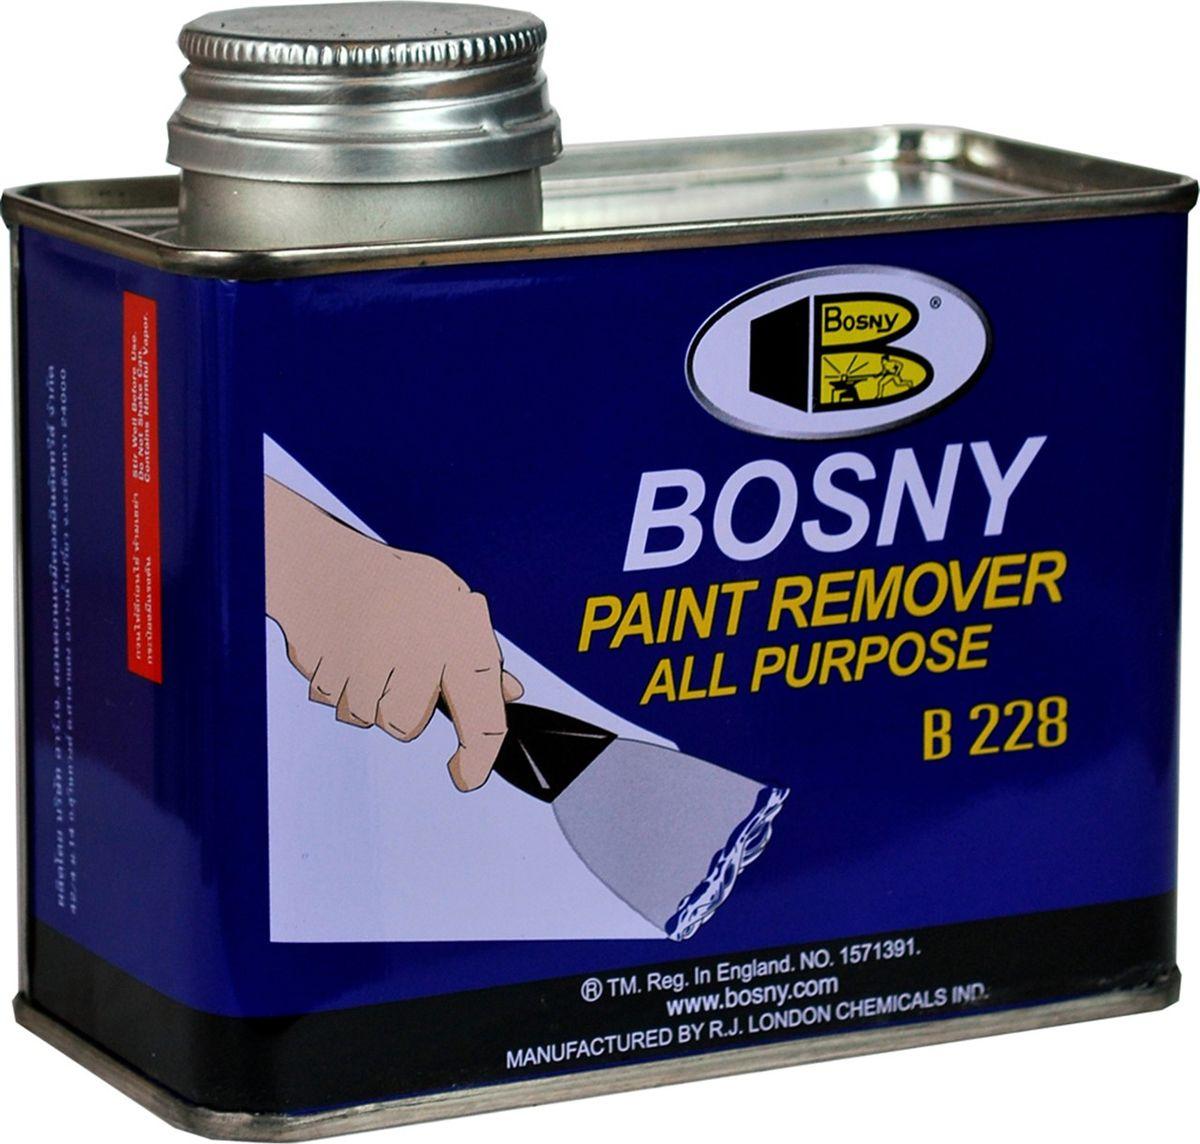 Смывка краски-гель Bosny, универсальная, 3,5 кгVL-4CУниверсальнаясмывка краскиBosny Paint Remover –мощное средствона гелевой основе, предназначенное для удаления всевозможных типов краски с окрашенных поверхностей быстро и эффективно, весь процесс занимает лишь несколько минут. Смывка краскиBosny Paint Remover предназначенадля удаления масляных красок, синтетических эмалей, различныхлаков, в том числецеллюлозных, эмалей горячей сушки, и других видов лакокрасочных покрытий. Может использоваться как для бытовых, так и для промышленных целей. Гелевая консистенция смывки имеет несколько преимуществ по сравнению с жидкими или аэрозольными составами: 1. После нанесения гелеобразный состав образует равномерный слой одинаковой толщины по всей поверхности. 2. Можно легко и точно дозировать расход материала. 3. Исключено попадание случайных брызг на соседние участки поверхности. 4. Не требует предварительного размешивания